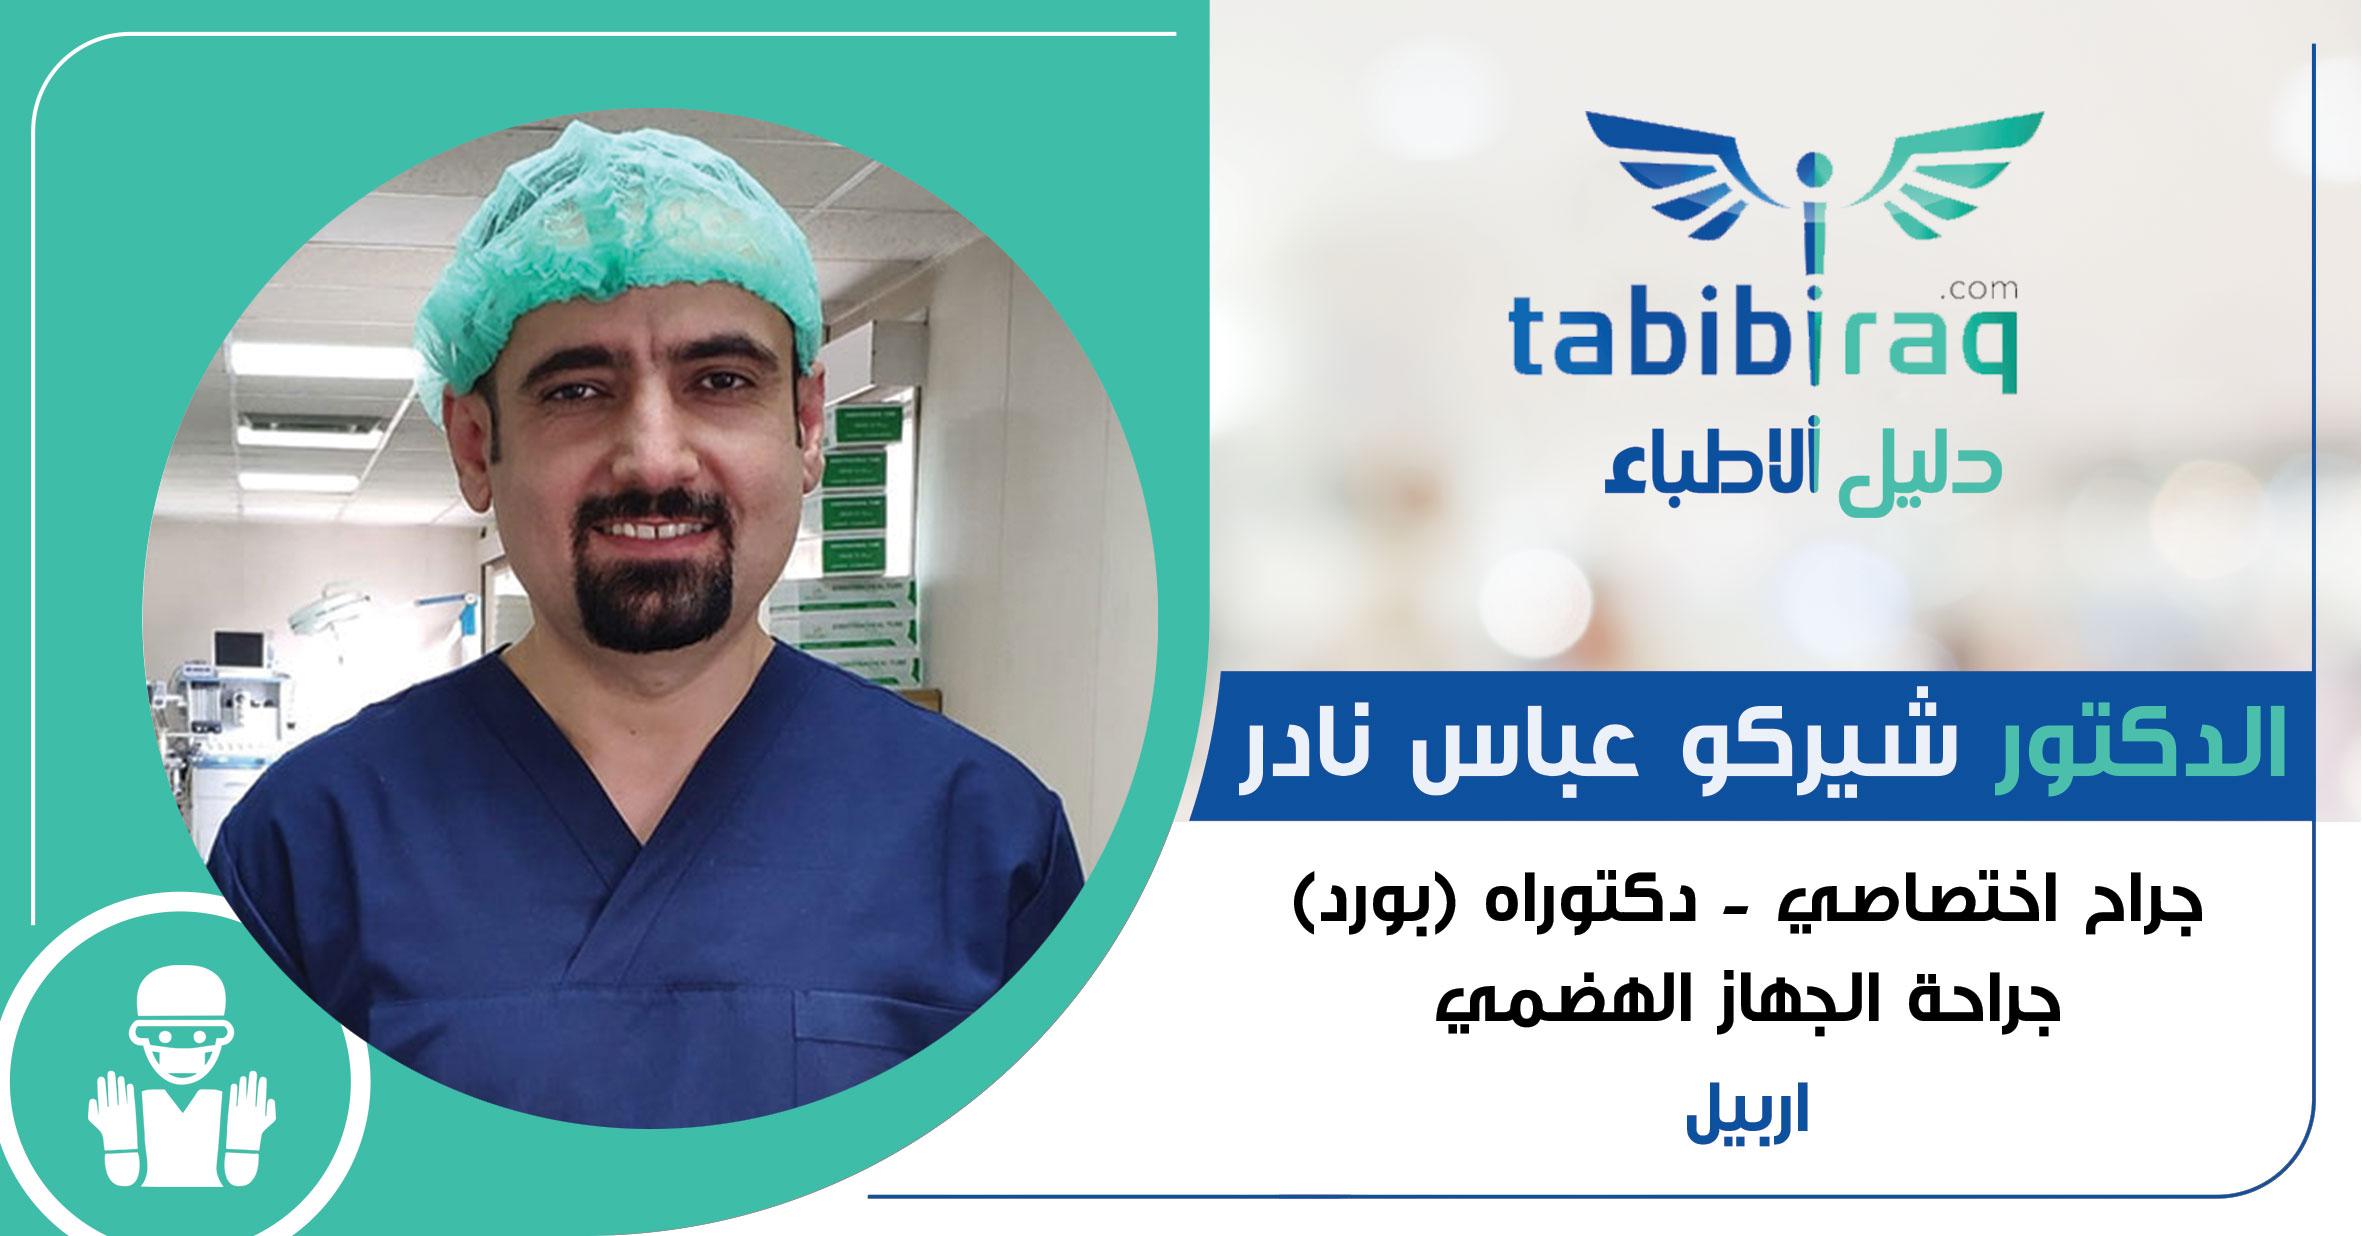 الدكتور شيركو عباس نادر